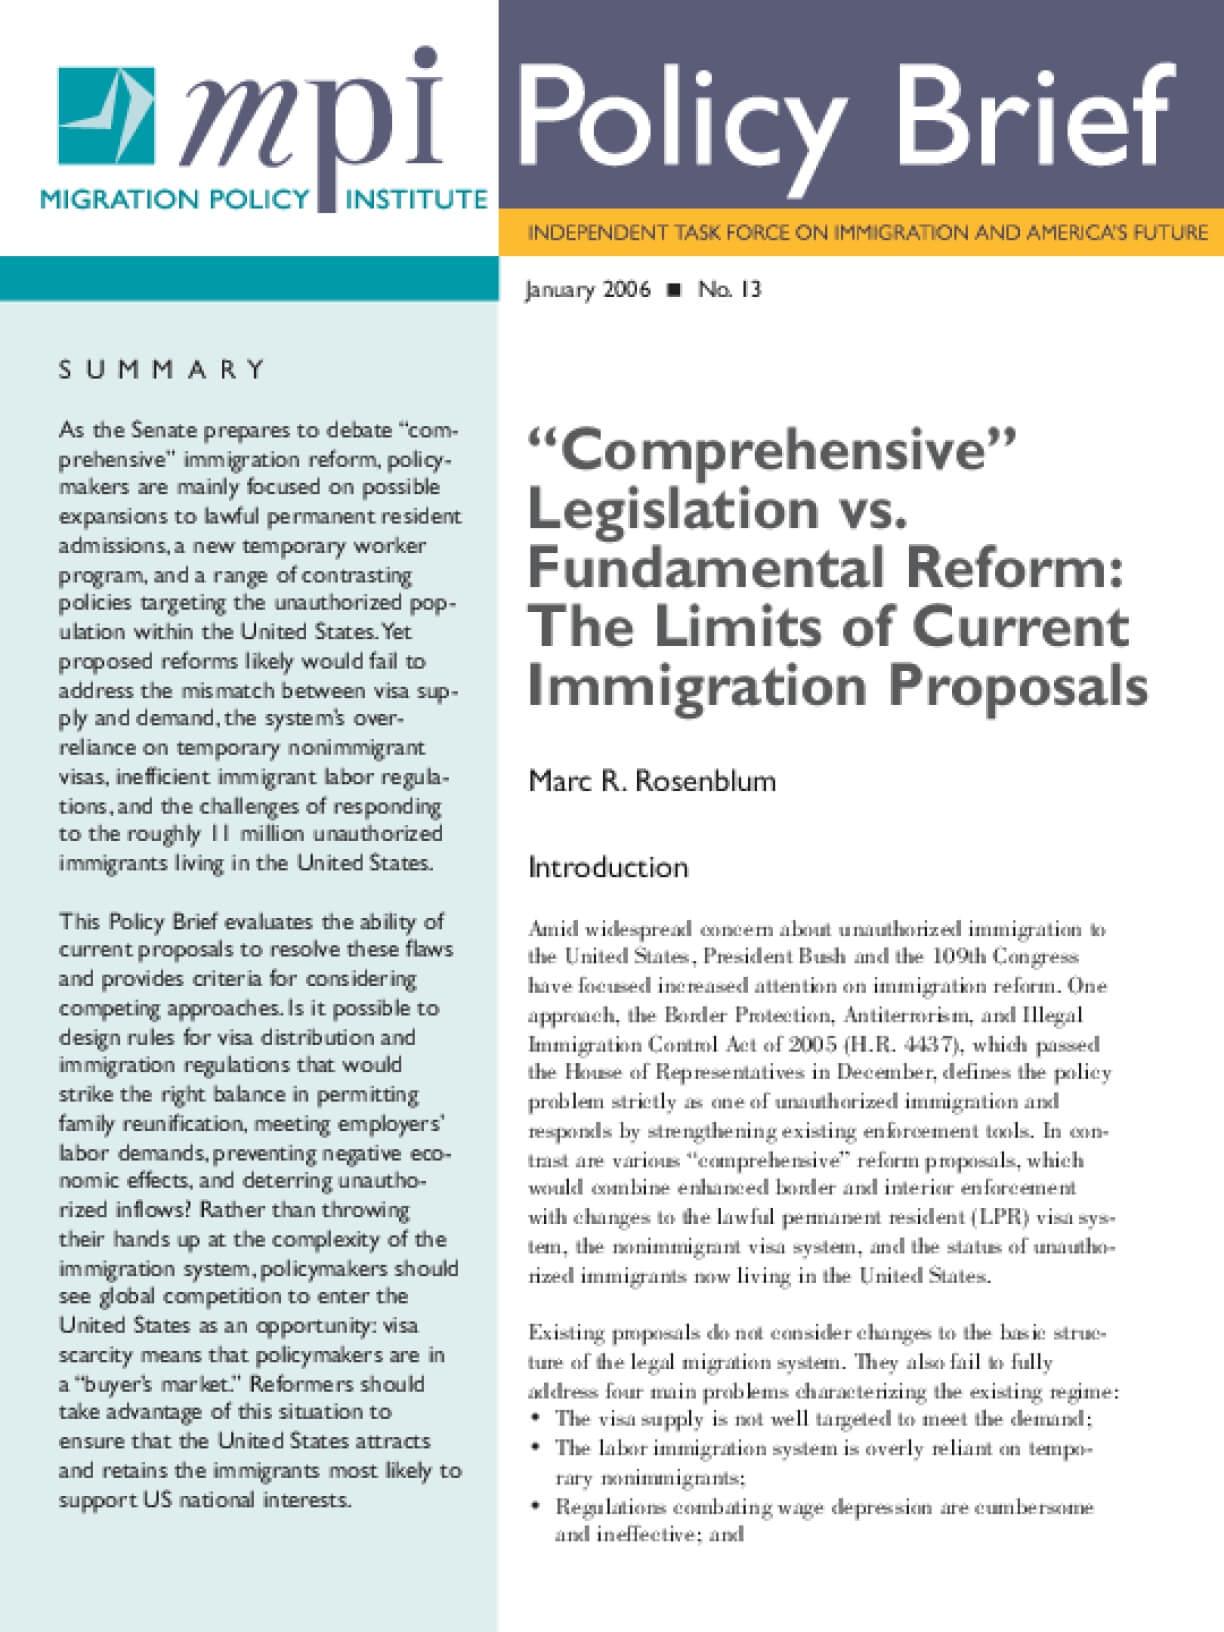 Comprehensive Legislation vs. Fundamental Reform: The Limits of Current Immigration Proposals